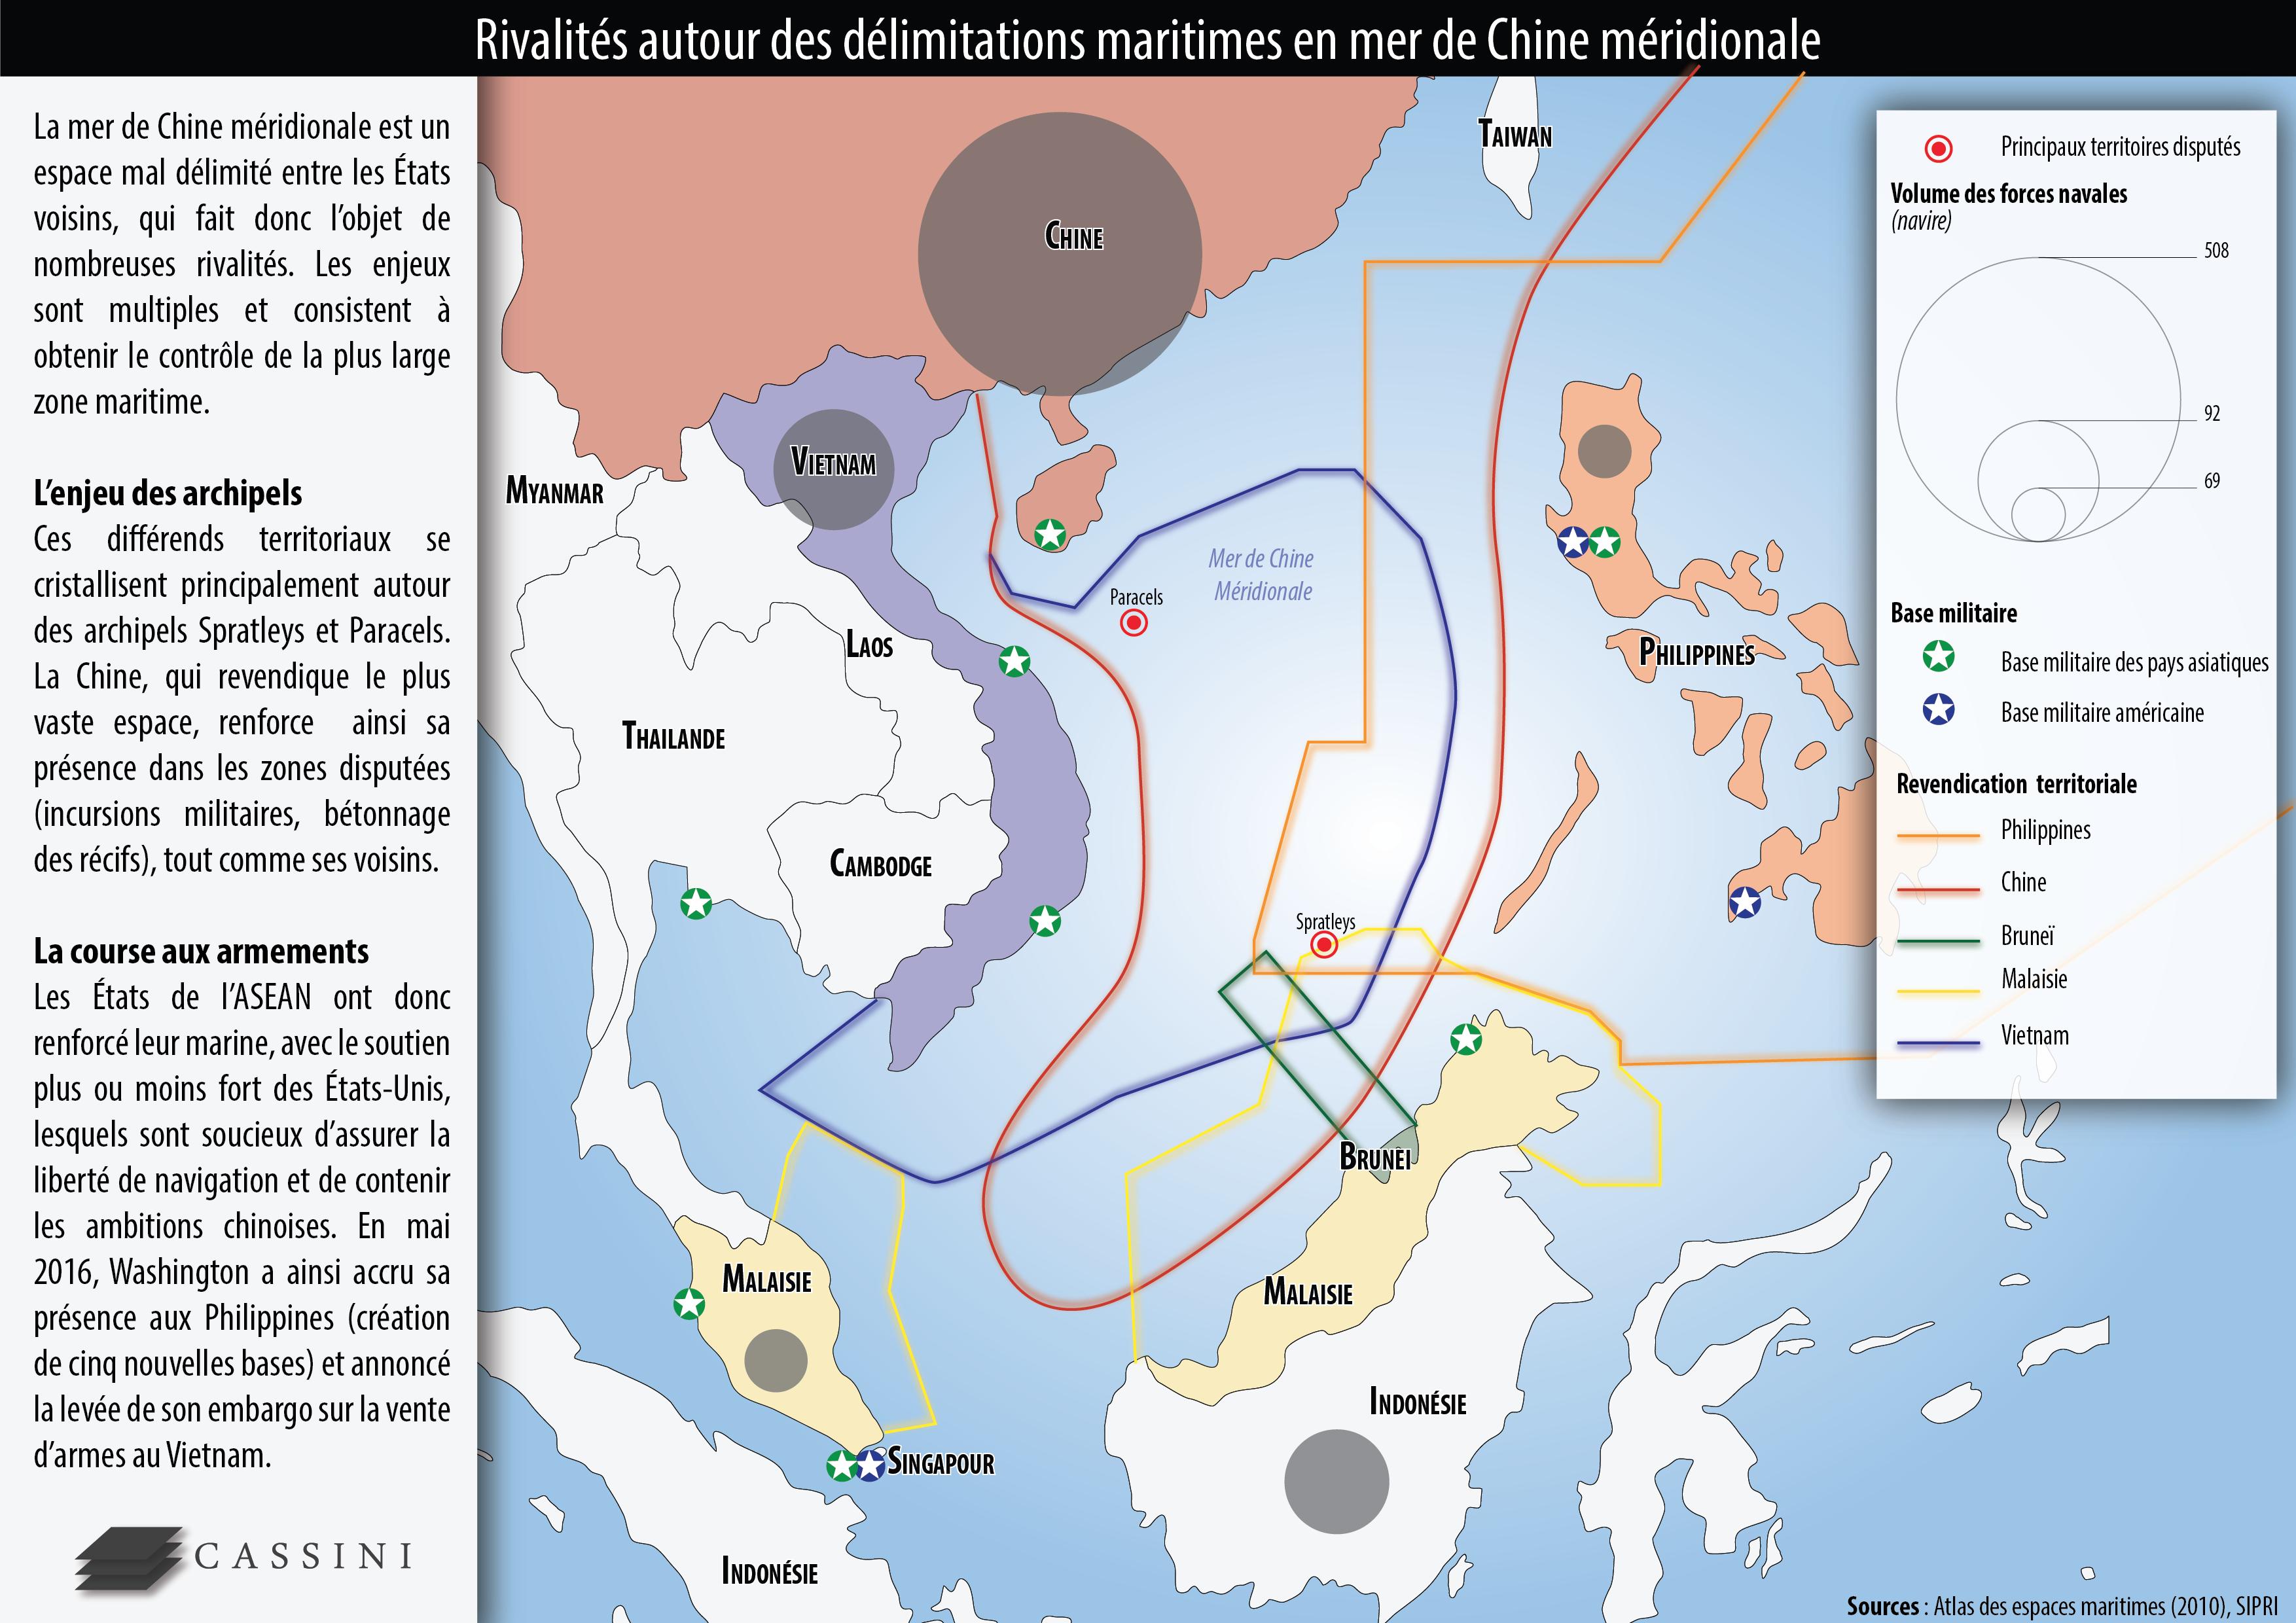 Carte Chine Philippines.Enjeux Et Rivalites En Mer De Chine Meridionale Cassini